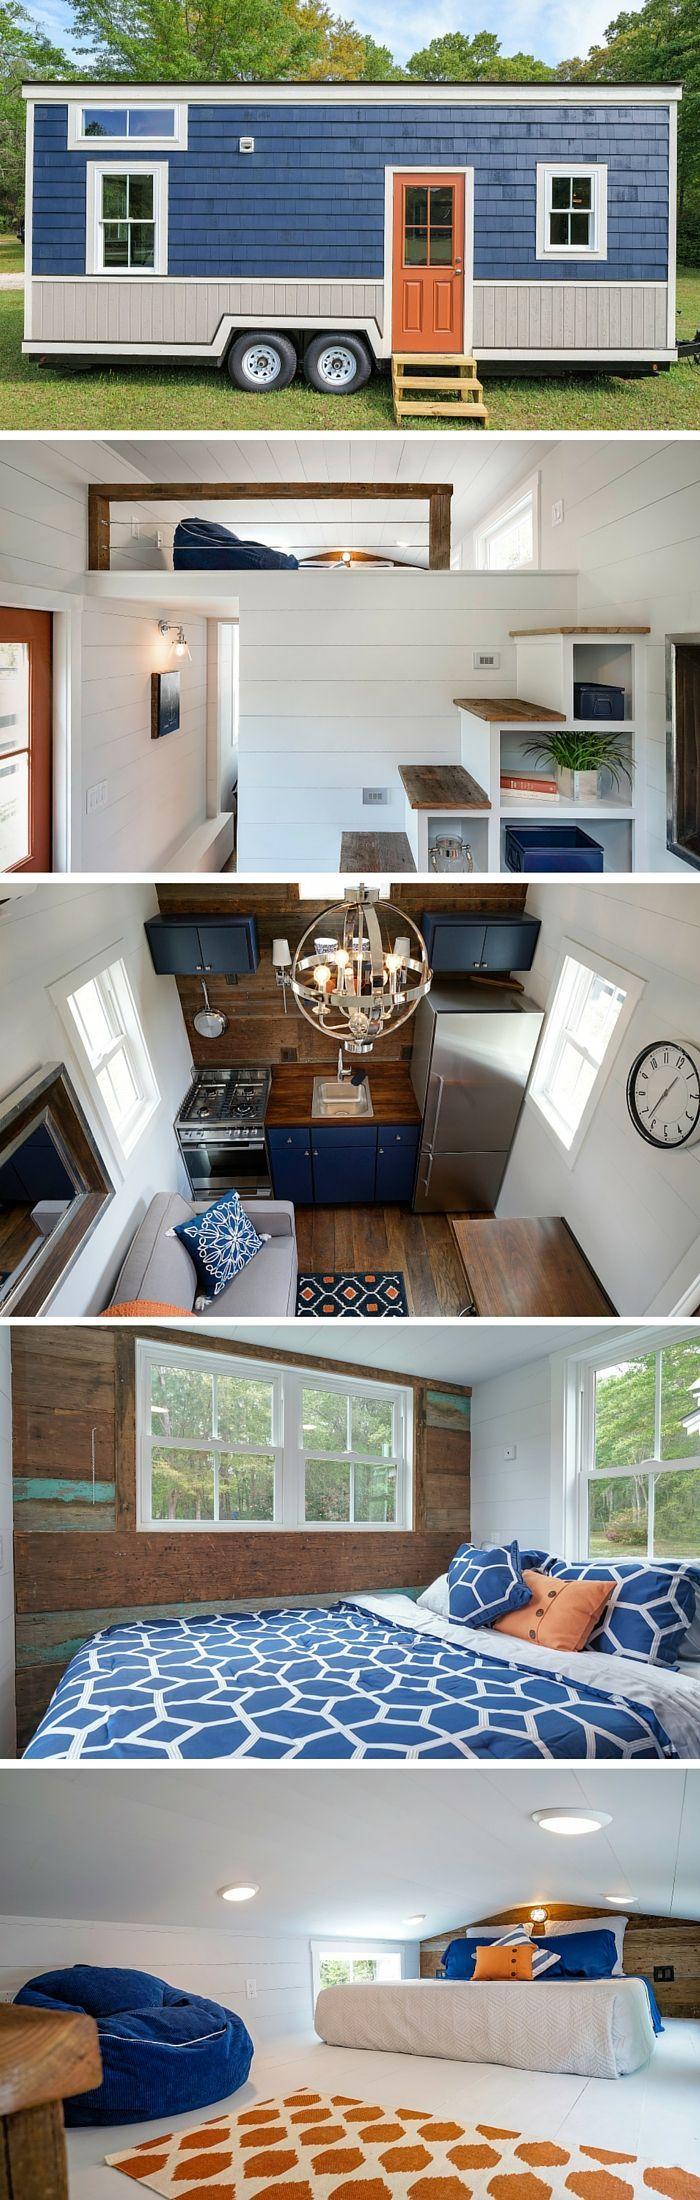 The Indigo tiny house a 284 square foot home